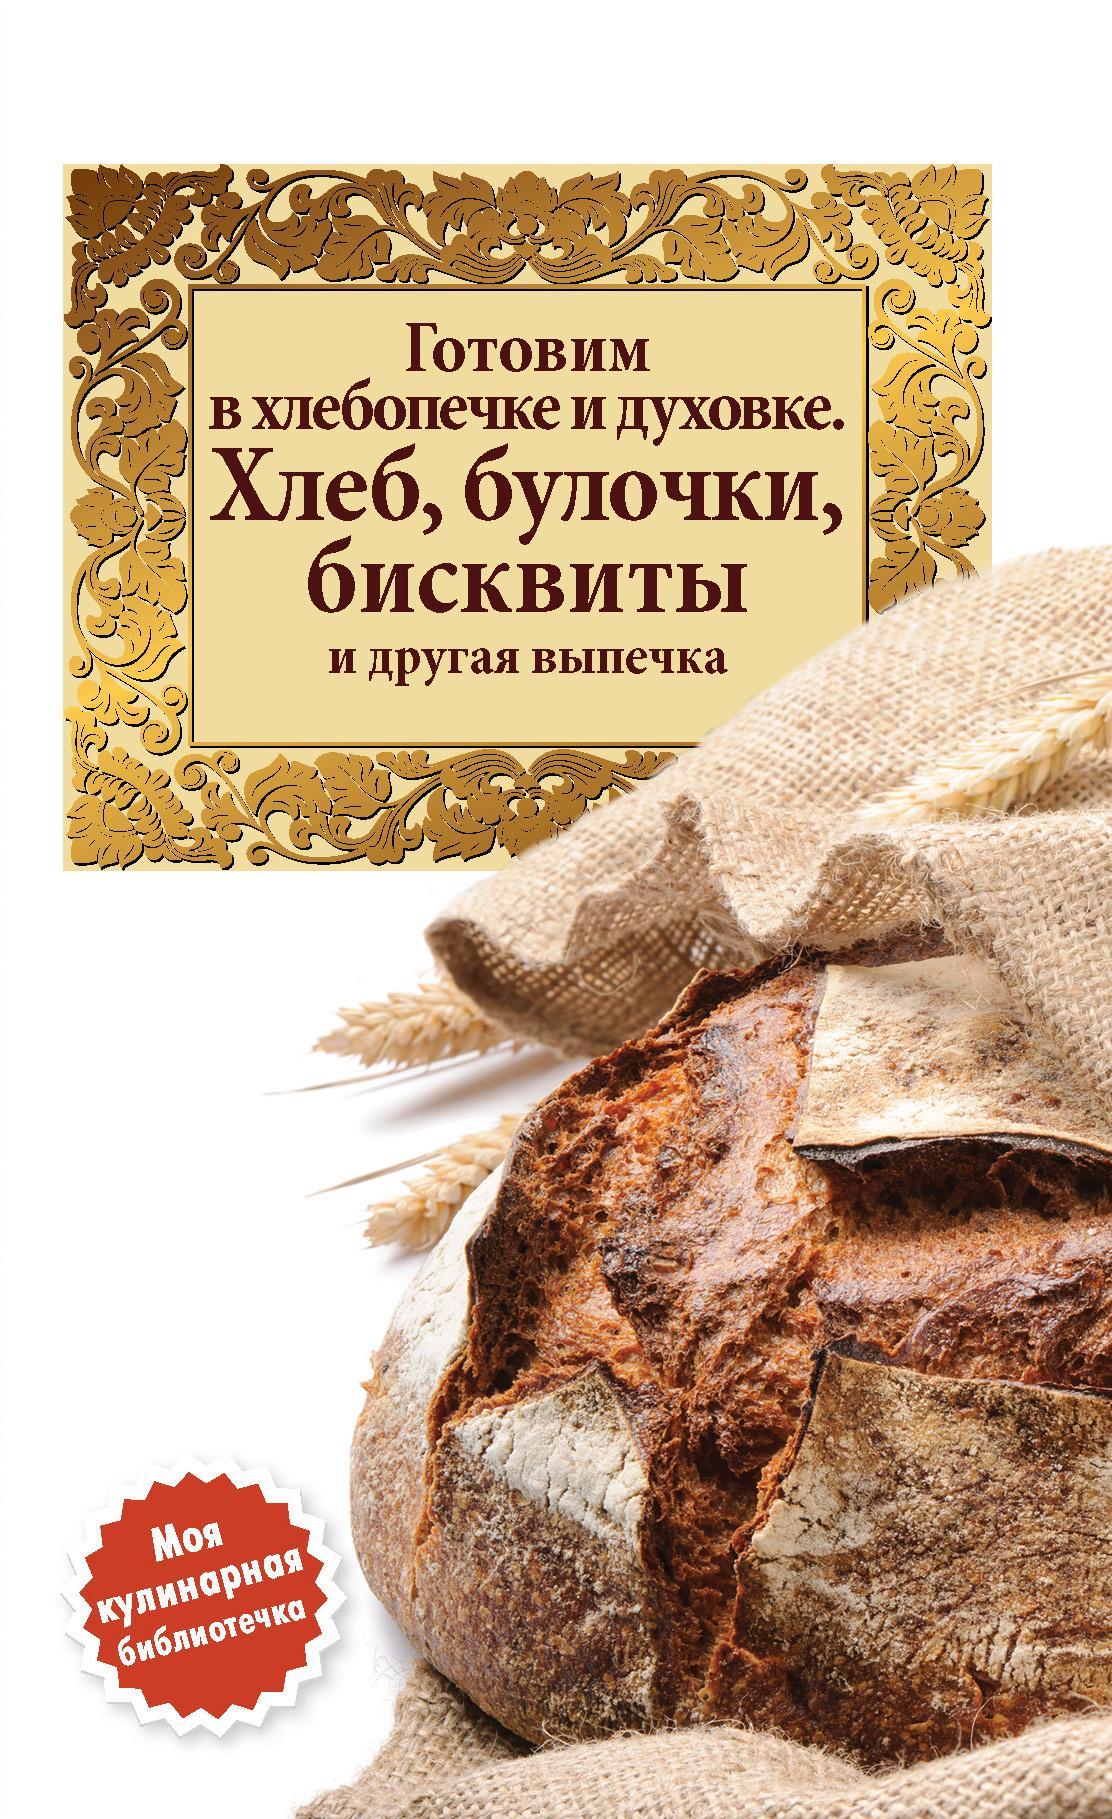 Отсутствует Готовим в хлебопечке и духовке. Хлеб, булочки, бисквиты и другая выпечка